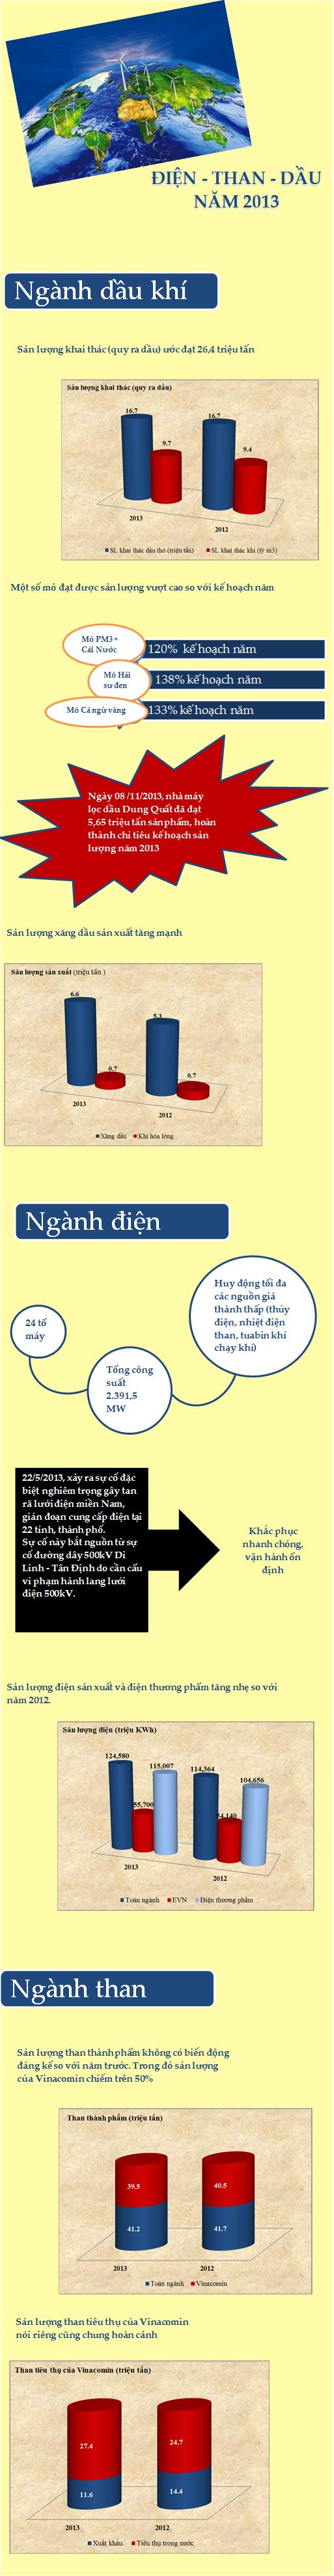 Infographich của Điện - Than - Dầu